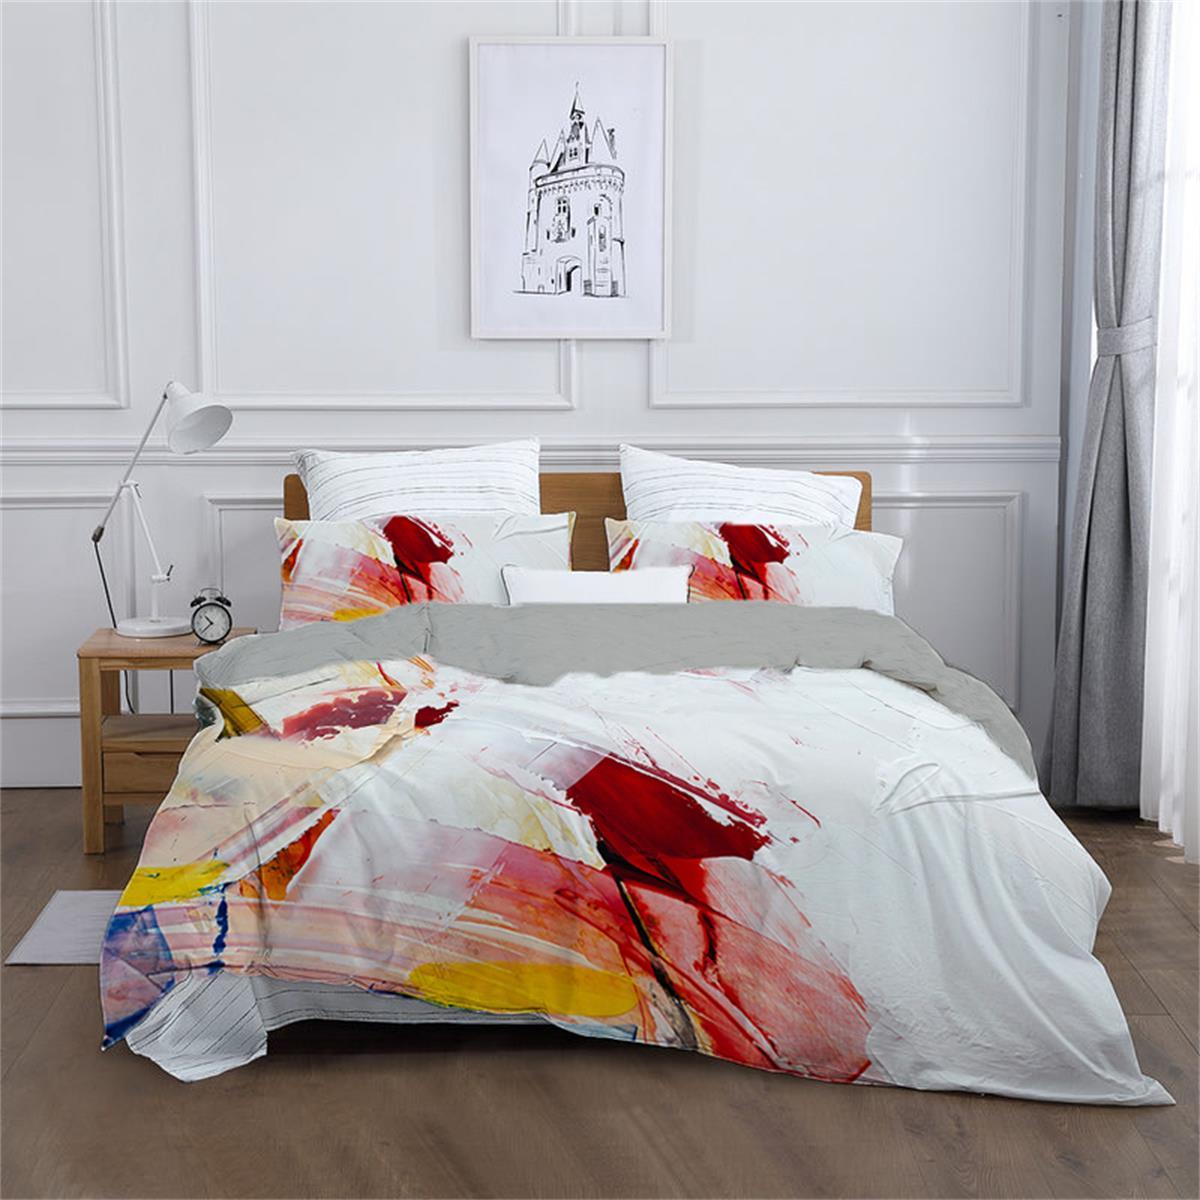 مجردة ثلاثية الأبعاد المطبوعة طقم سرير النفط اللوحة حاف الغطاء المخدة واحدة التوأم الملك لينة ل مواسم المنسوجات المنزلية 220 × 240